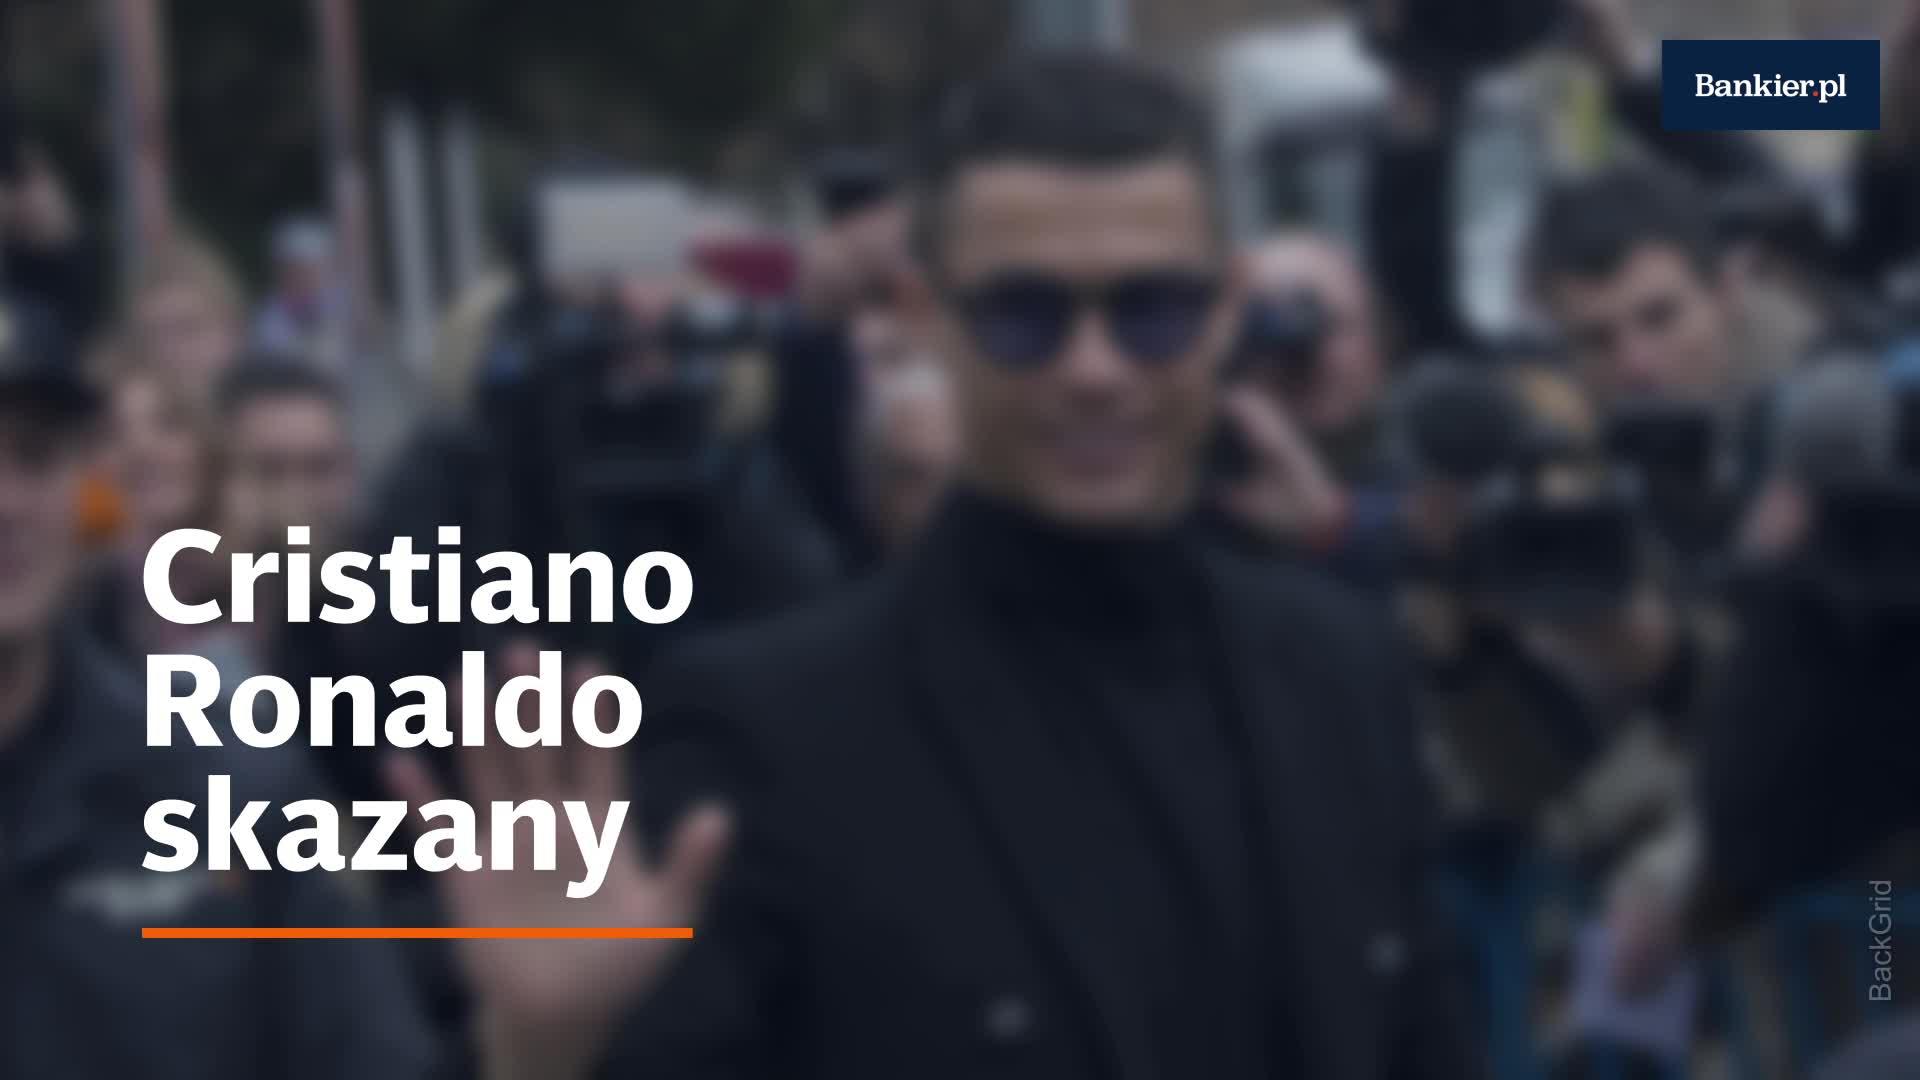 Cristiano Ronaldo skazany